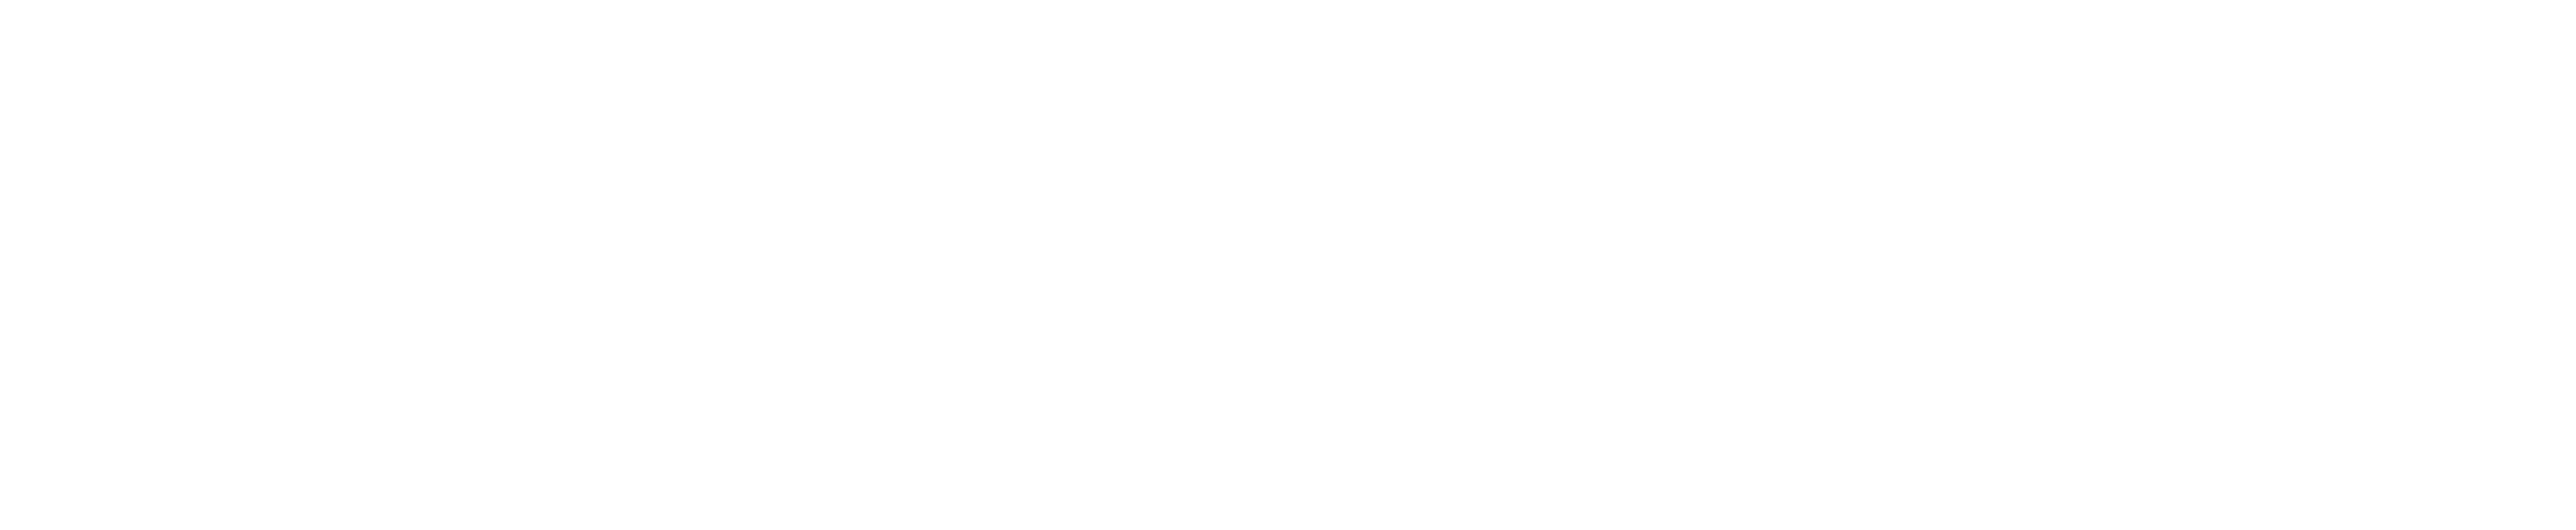 The Arts Society York